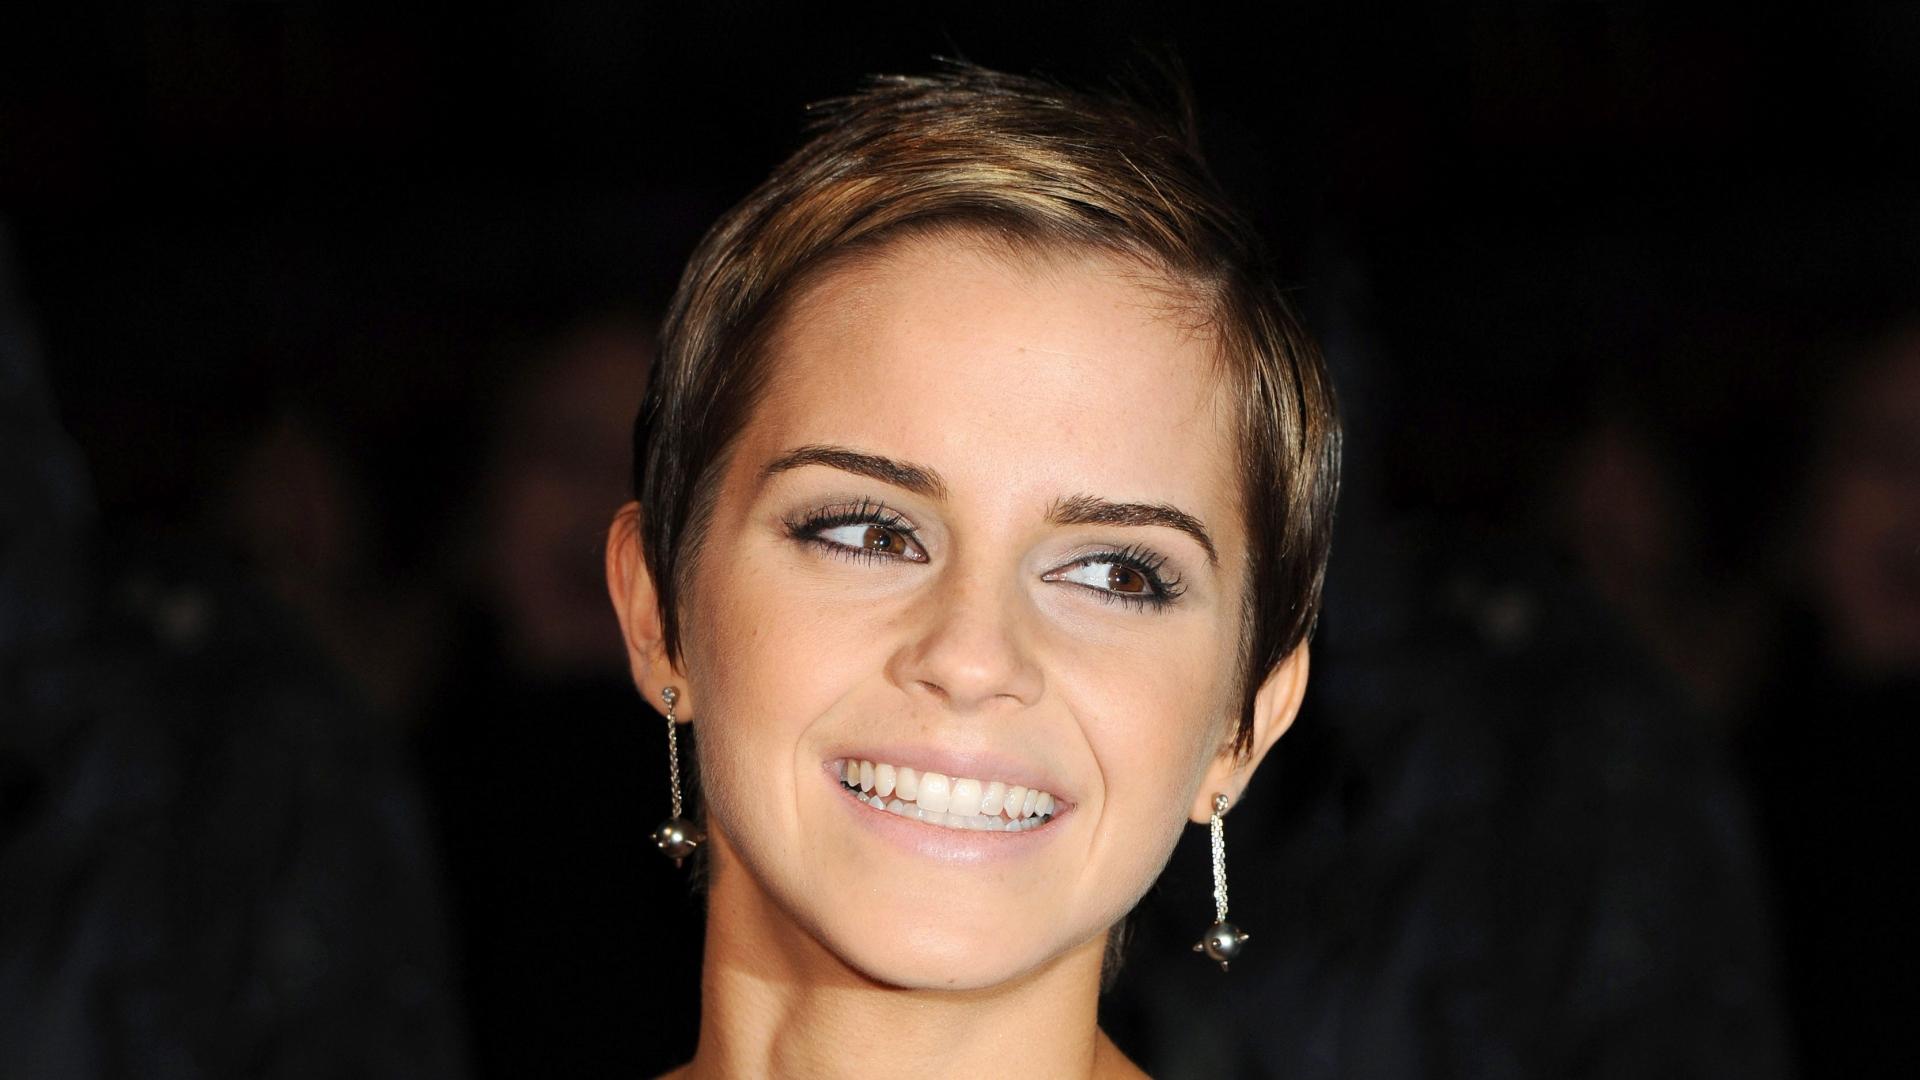 Emma Watson con una bella sonrisa - 1920x1080